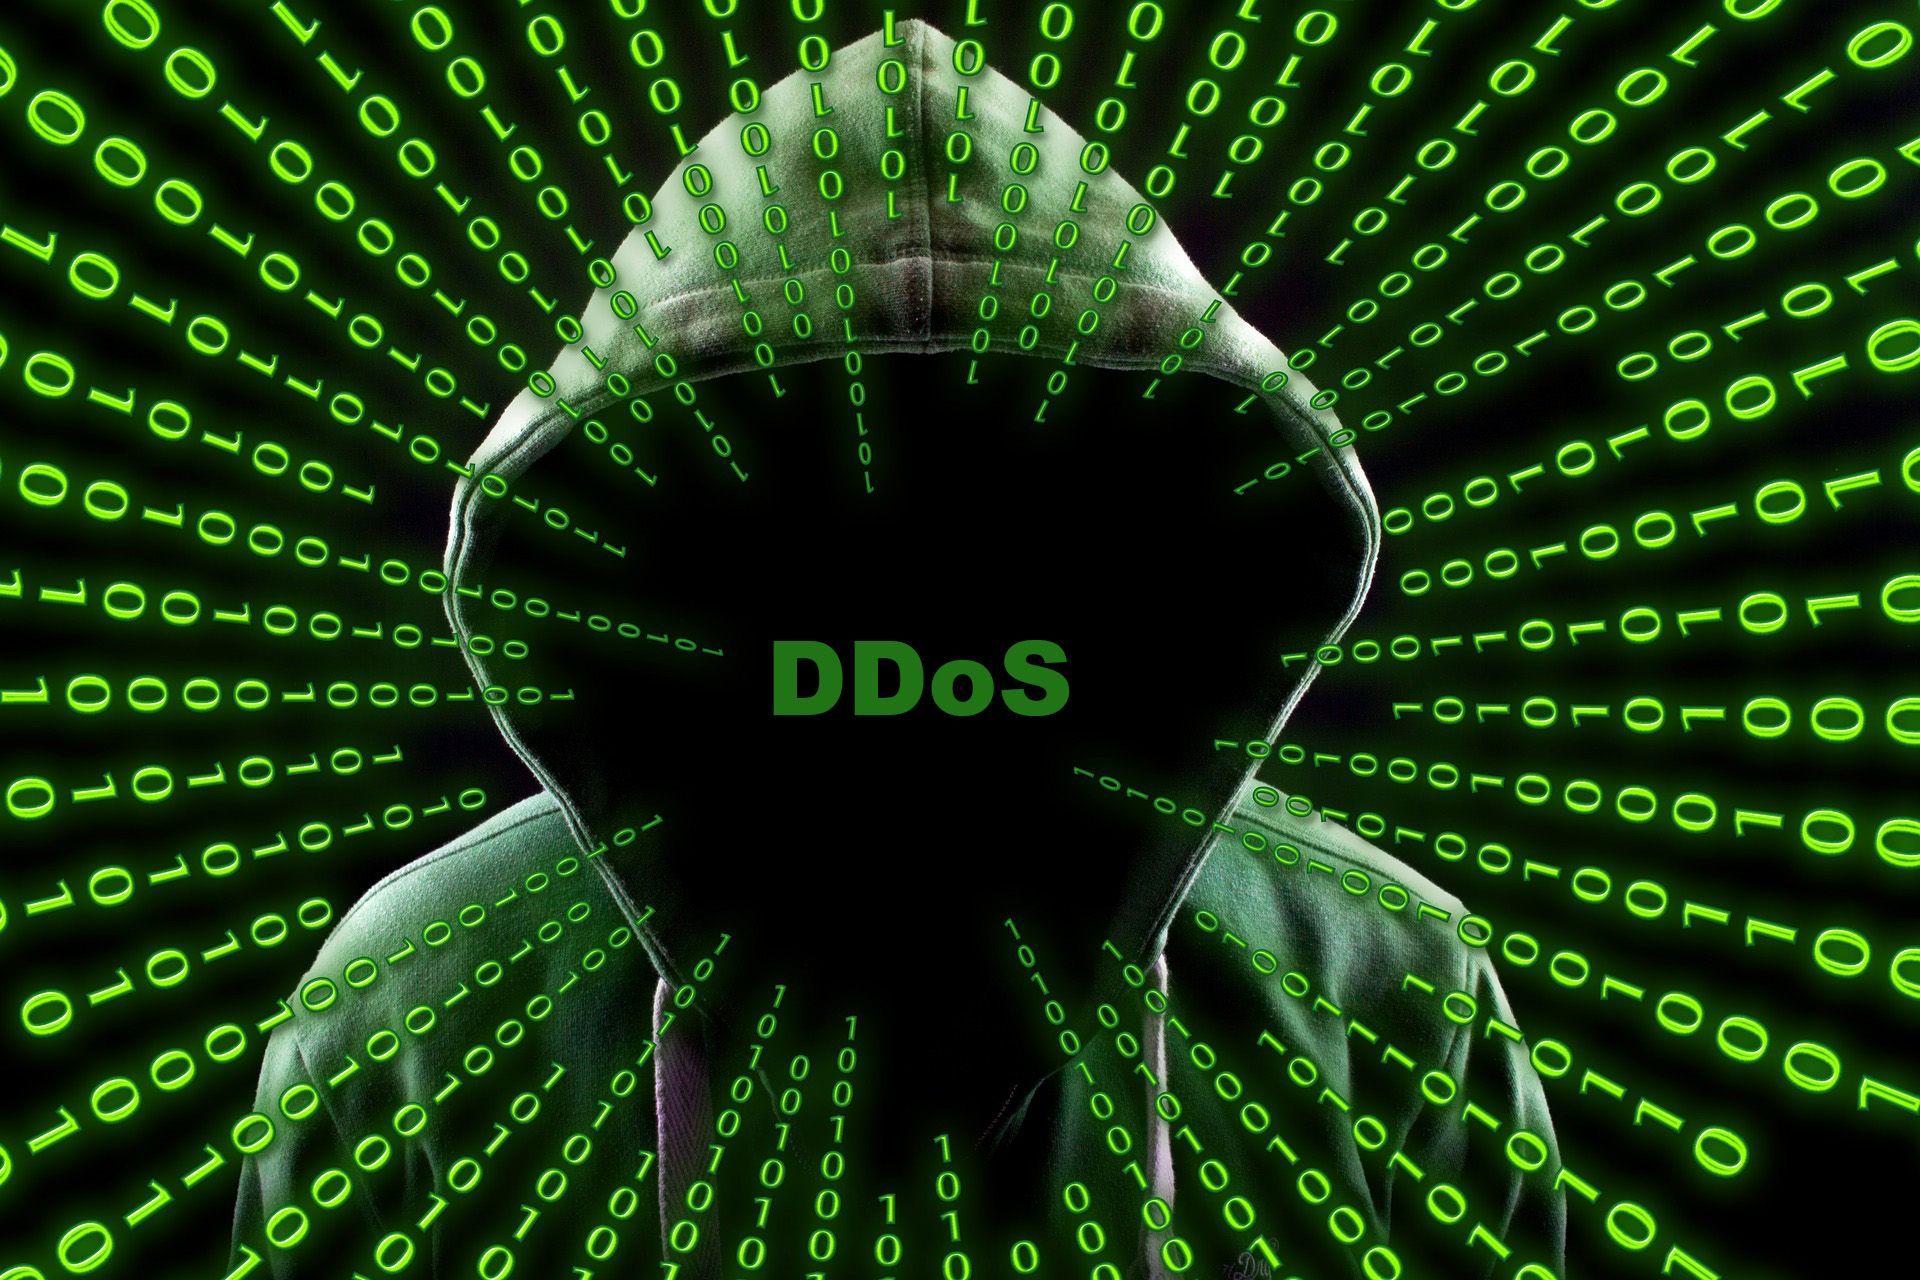 Los ataques DDoS aumentan y cada vez son más sofisticados